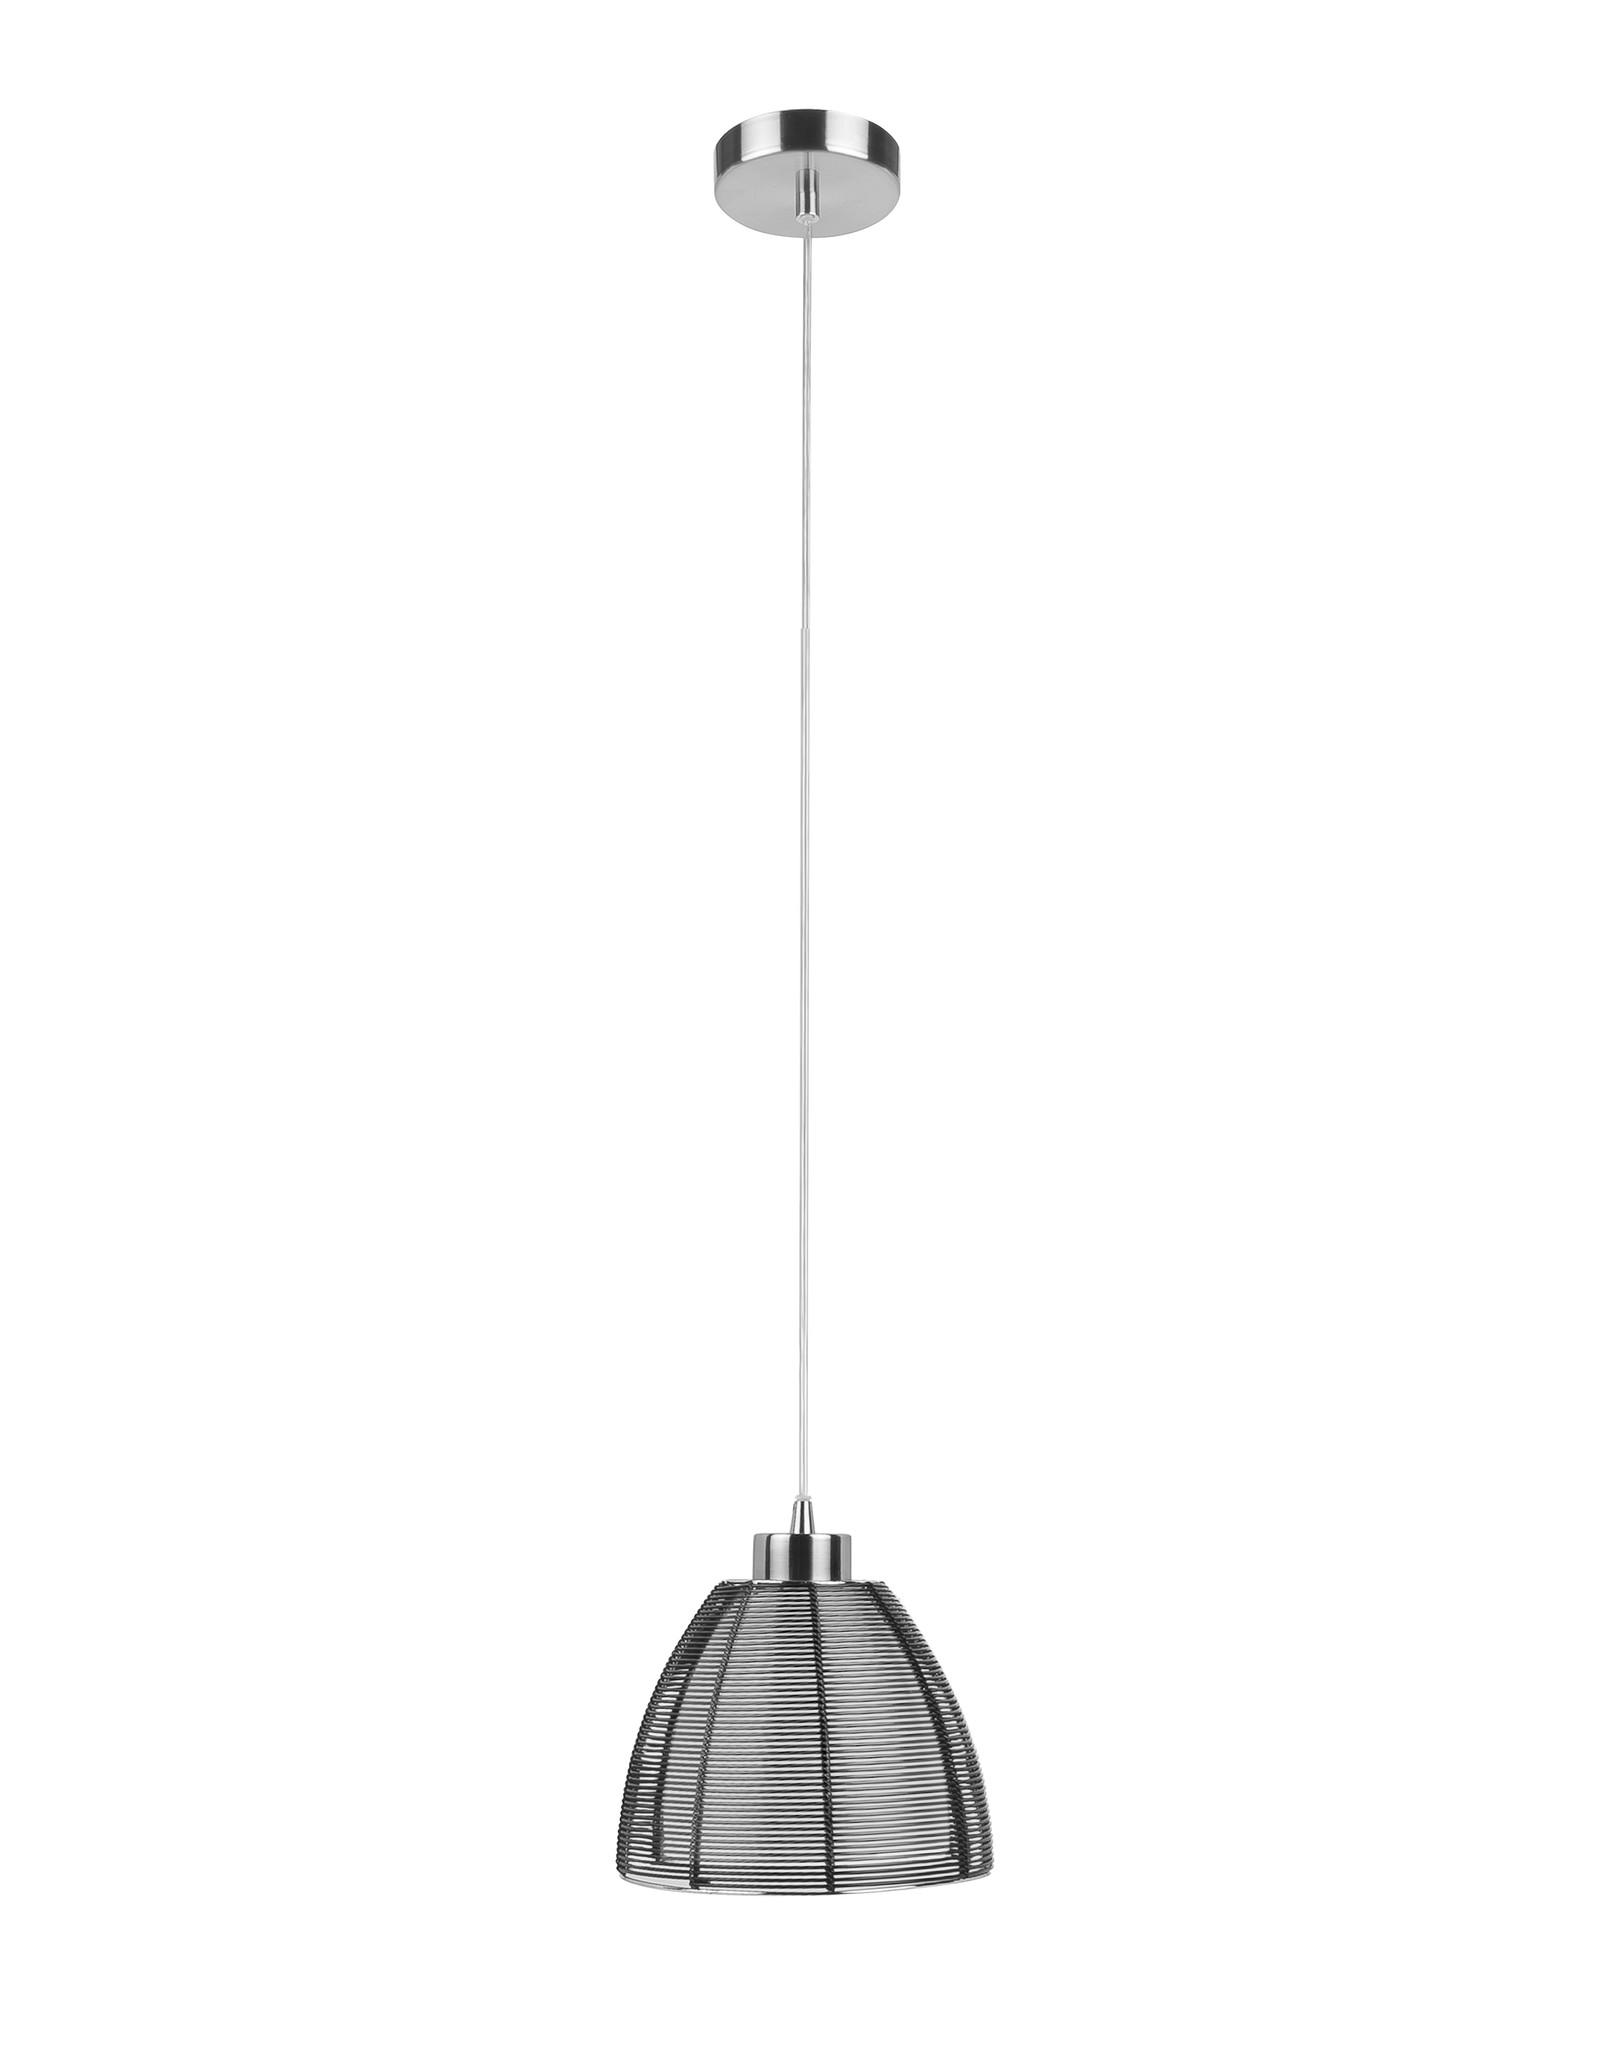 Hanglamp Whires E27 klein Zwart Alu